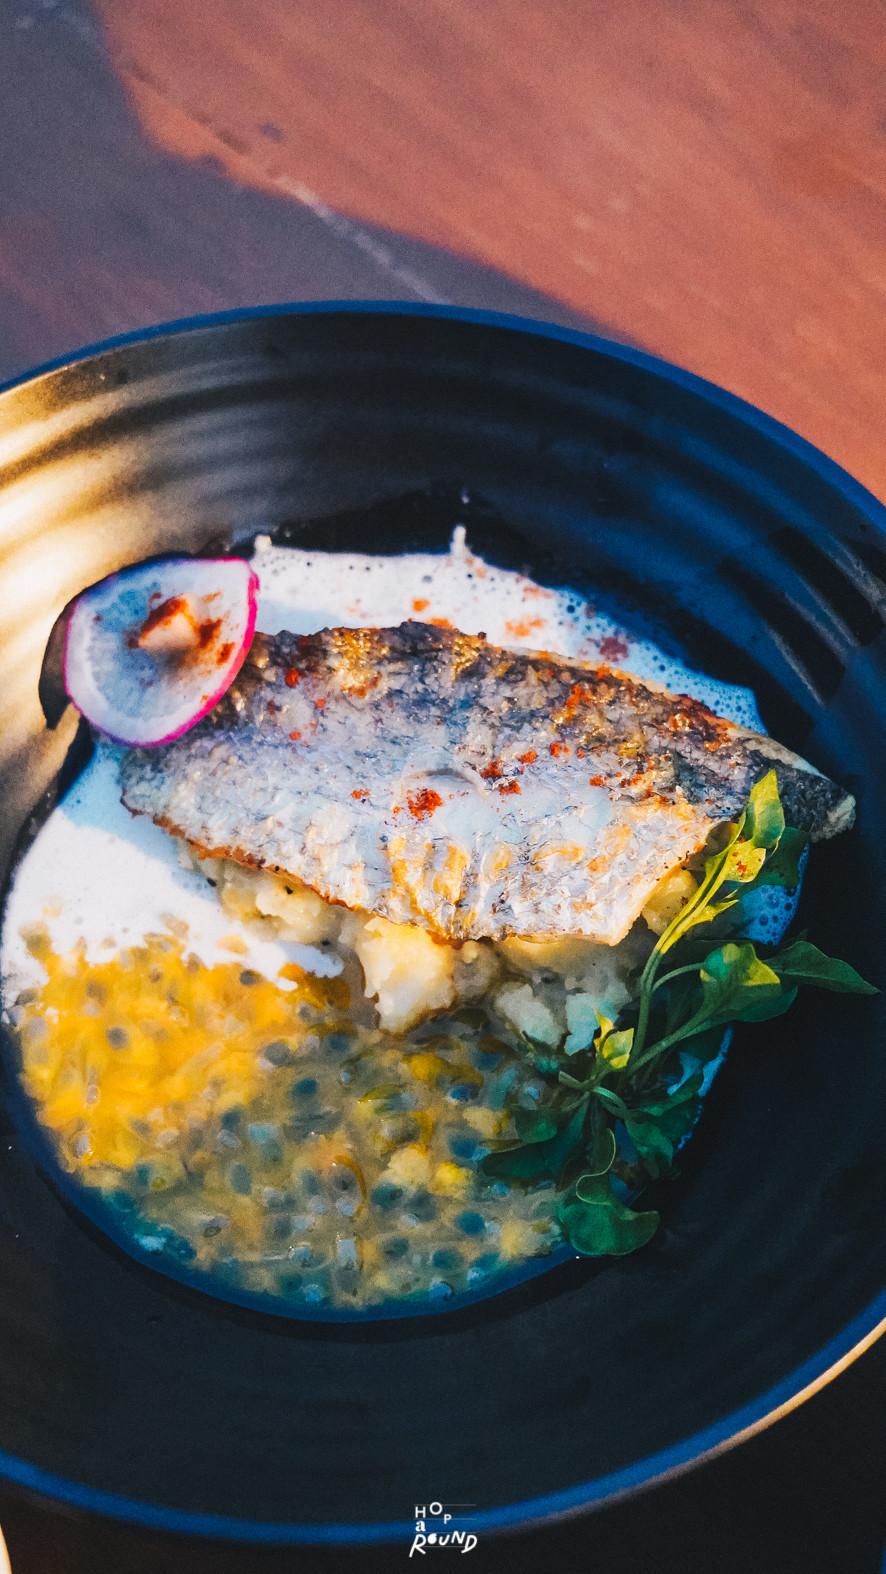 รีวิว RELO' The Urban Escape - Hua Hin รีโล่ ดิ เออเบิ้ล เอสเคป หัวหิน แสนสบายและเป็นส่วนตัว อาหารที่โรงแรมรีโล่ Relo food restaurant